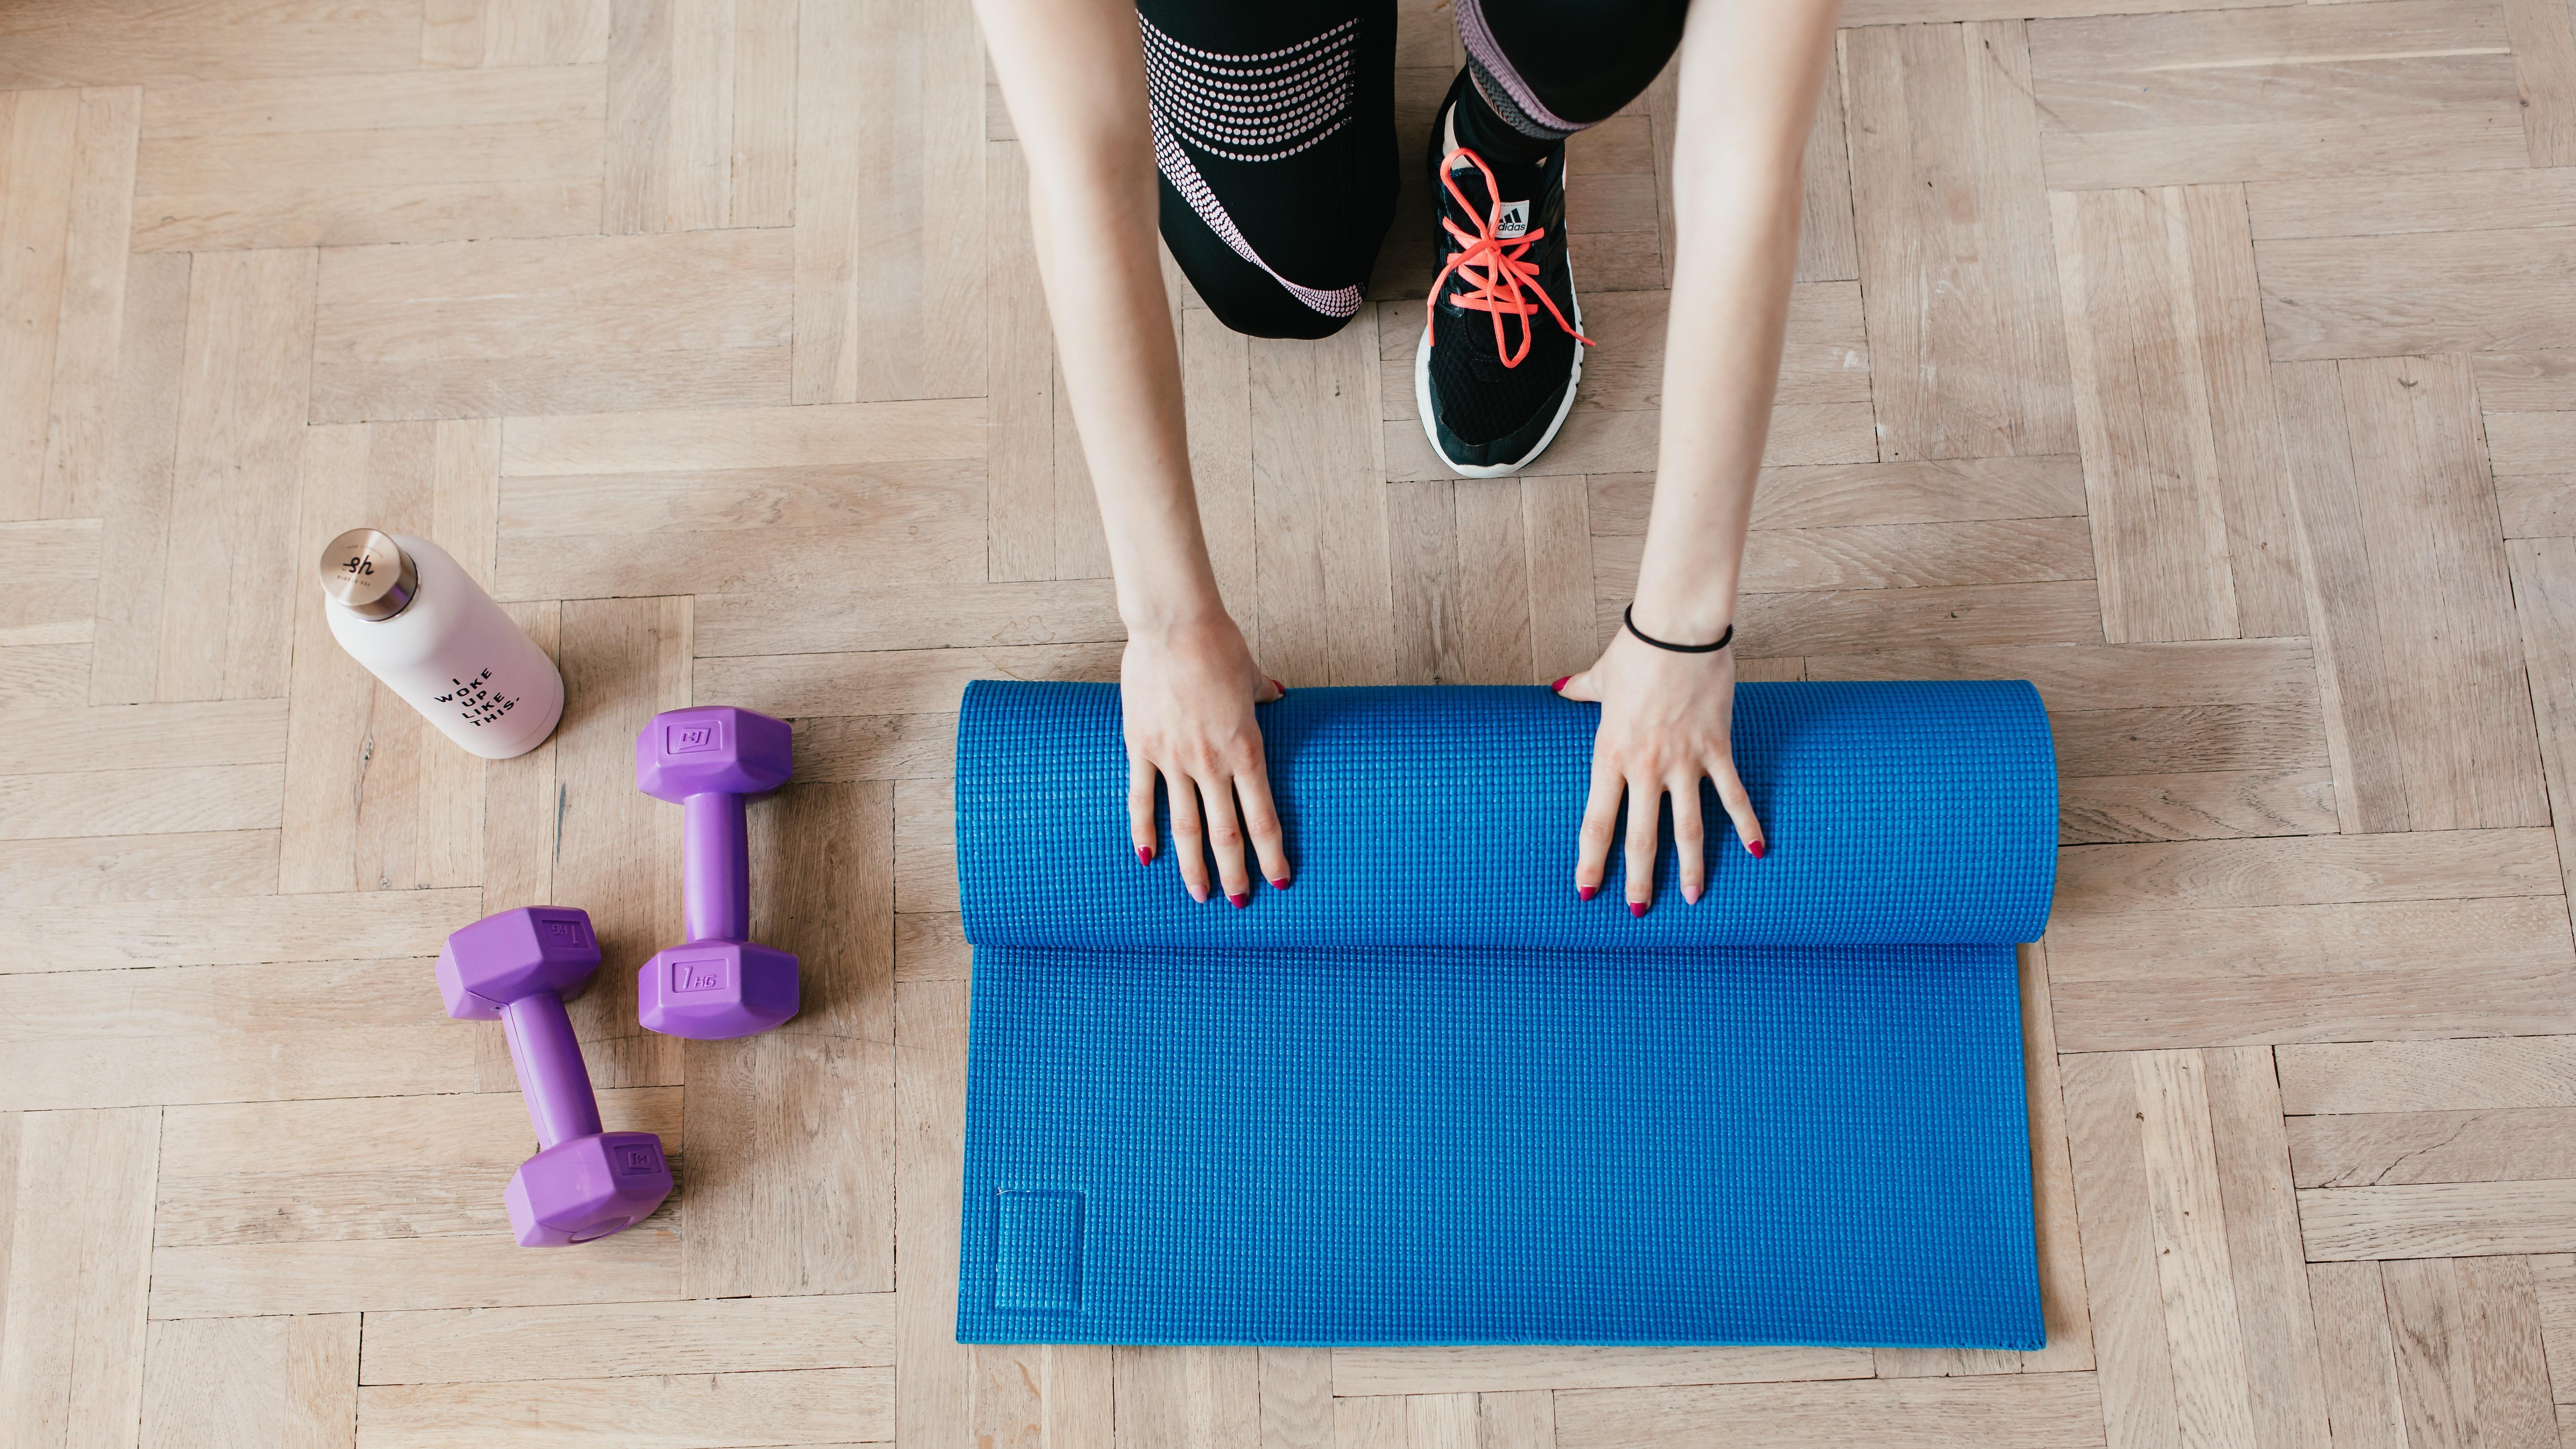 Regelmäßiges Beintraining kann Frauen beim Abnehmen und Hautstraffen helfen.